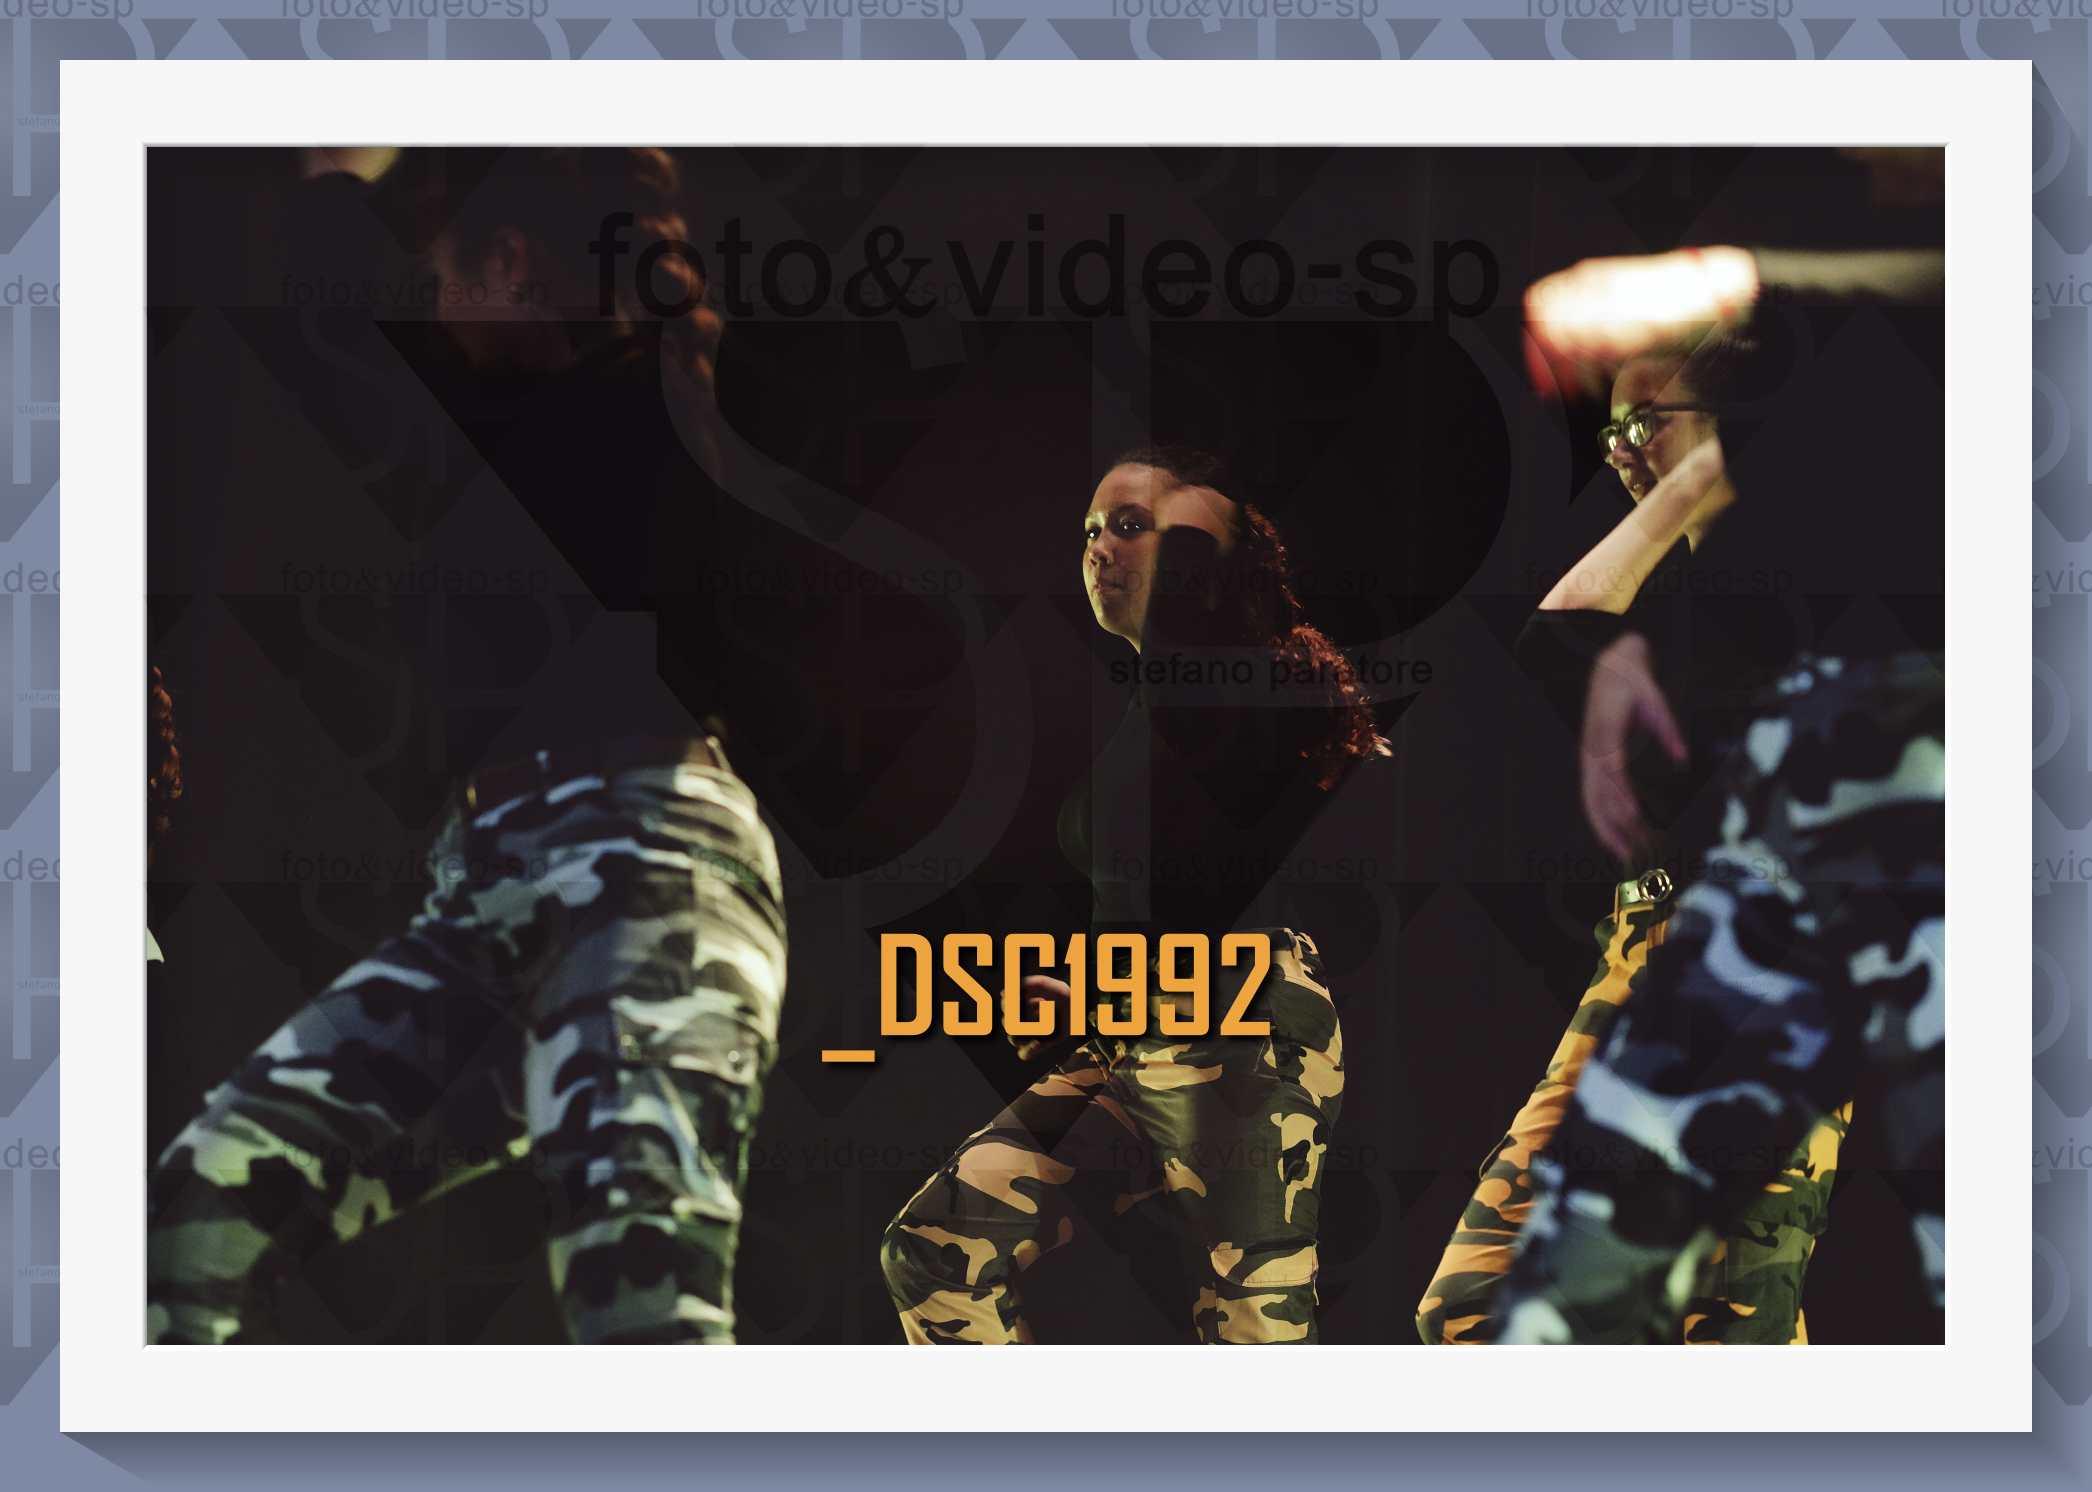 DSC1992